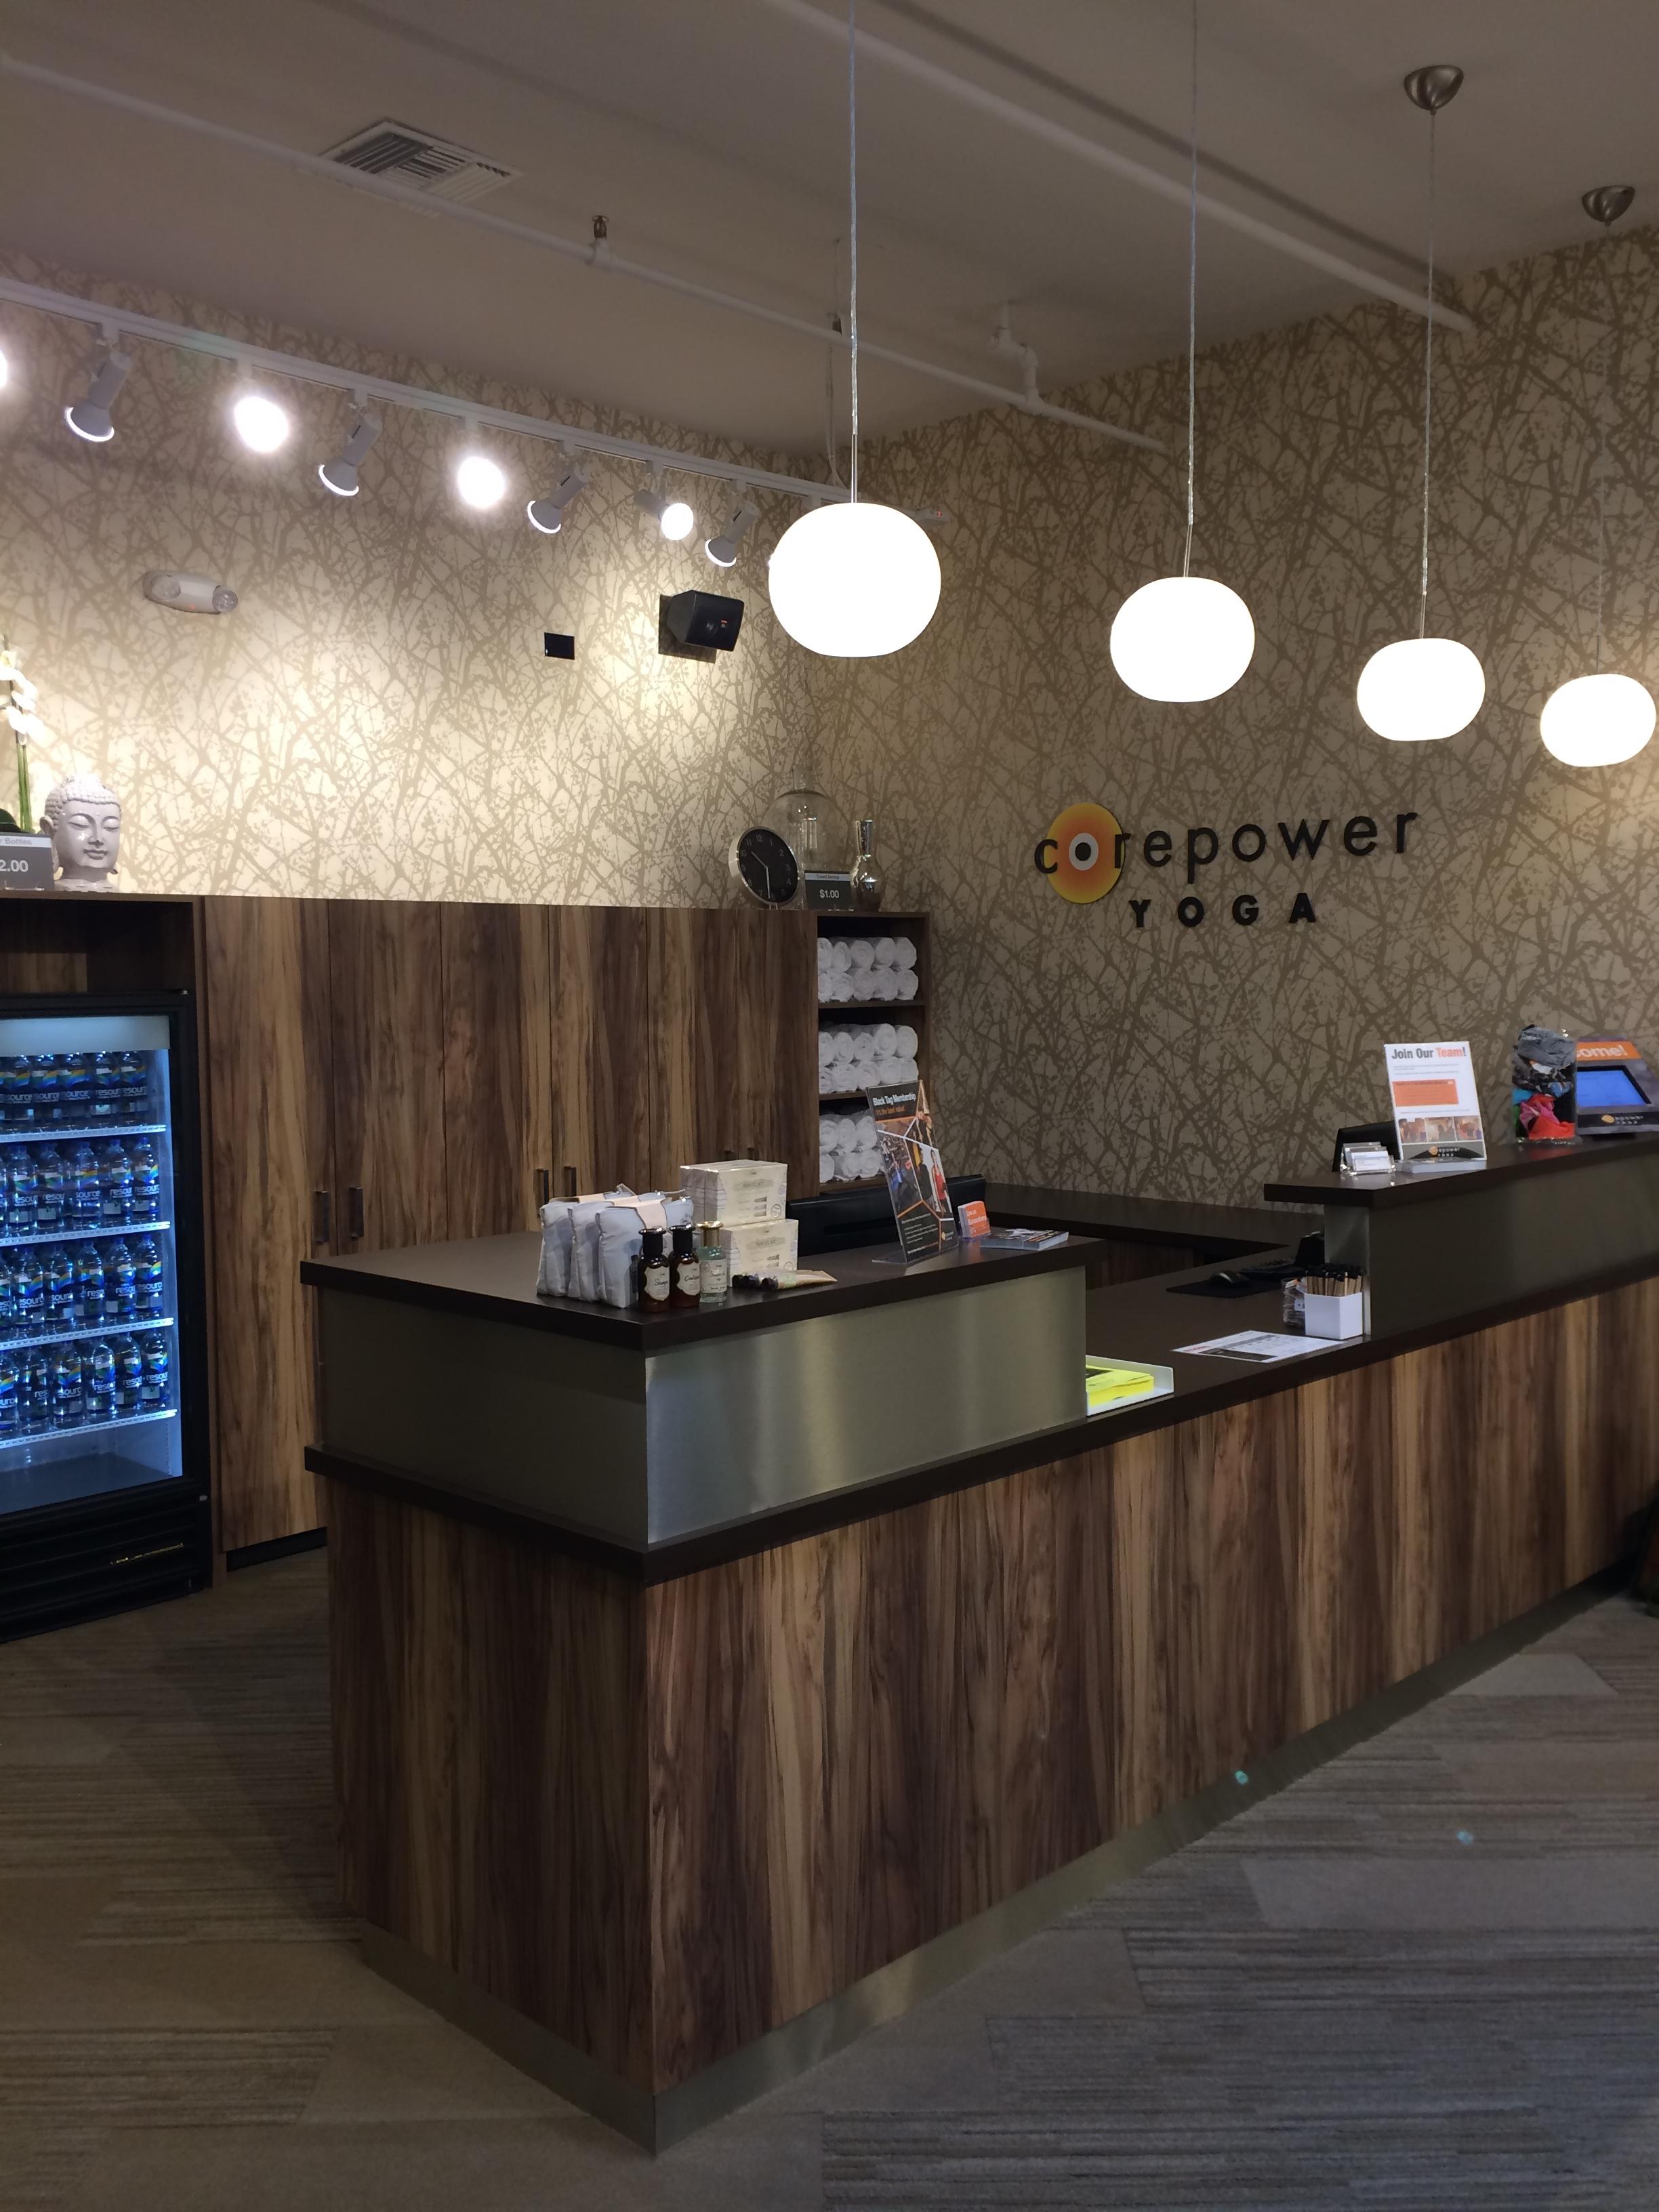 CorePower Yoga image 1